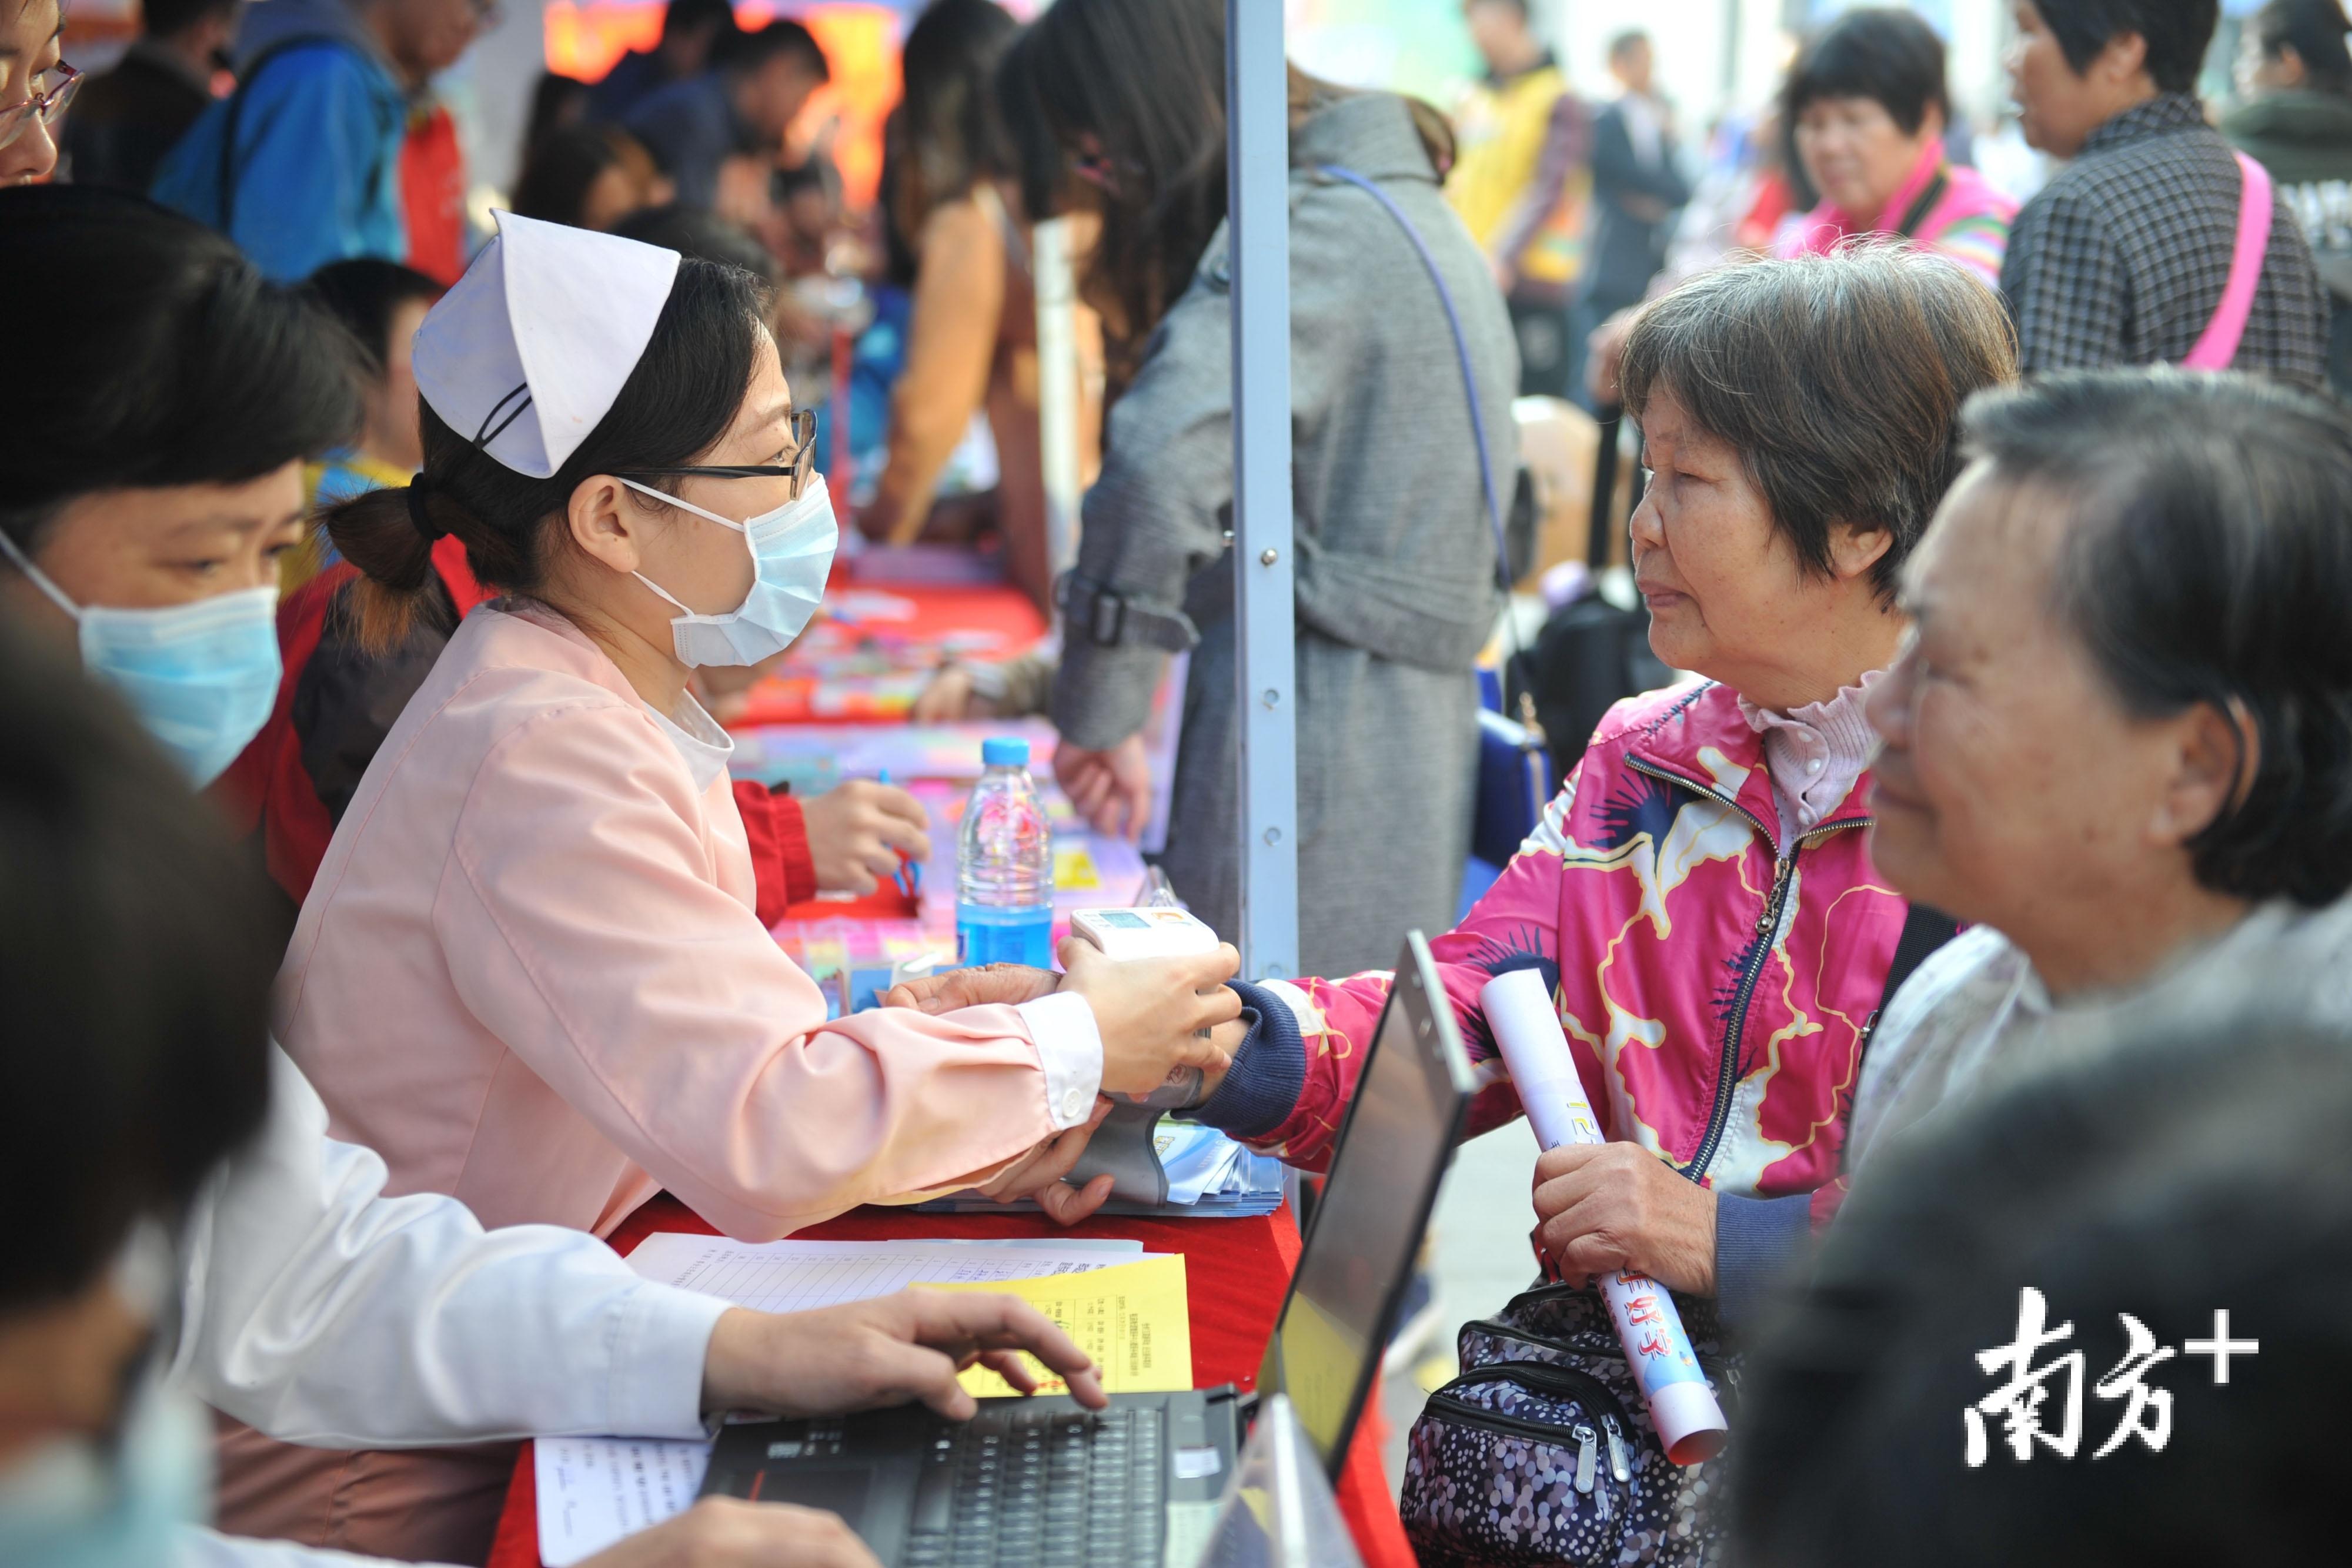 近年来,禅城志愿服务日益增长,并向全面化、专业化发展。南方日报记者 戴嘉信 摄